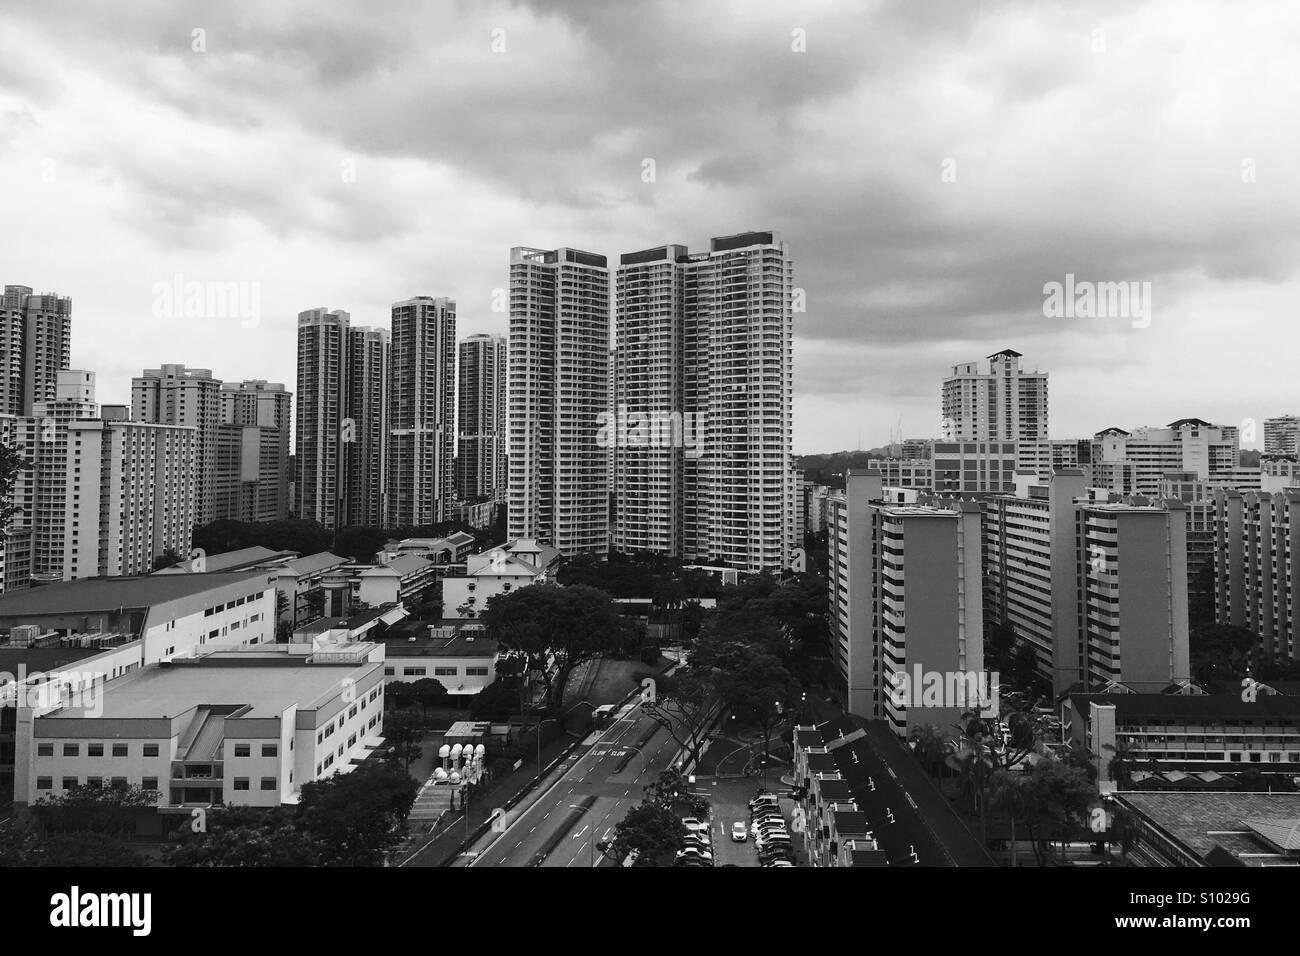 Singapore public housing - Stock Image